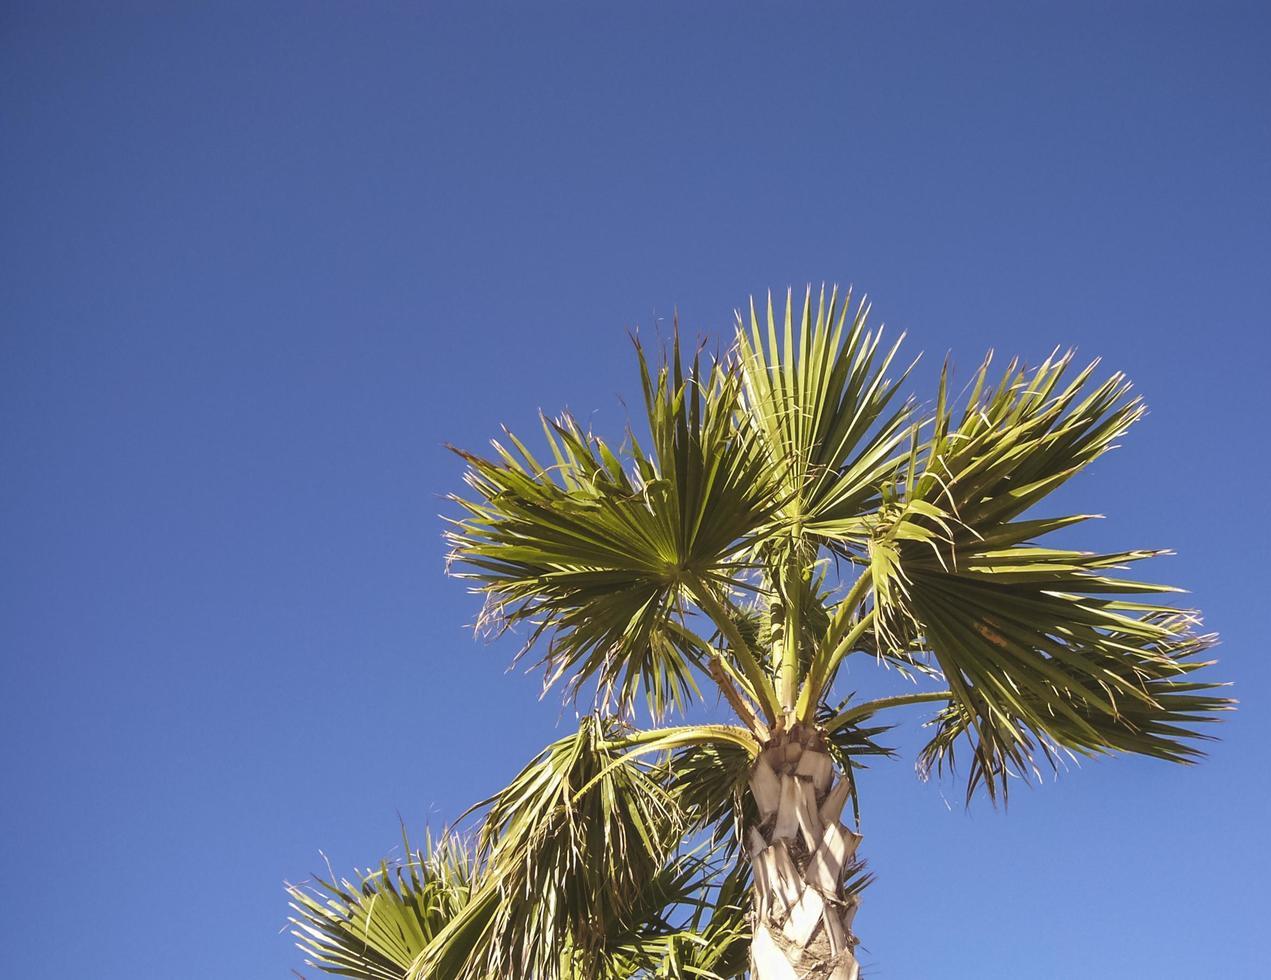 palmera bajo un cielo azul claro foto